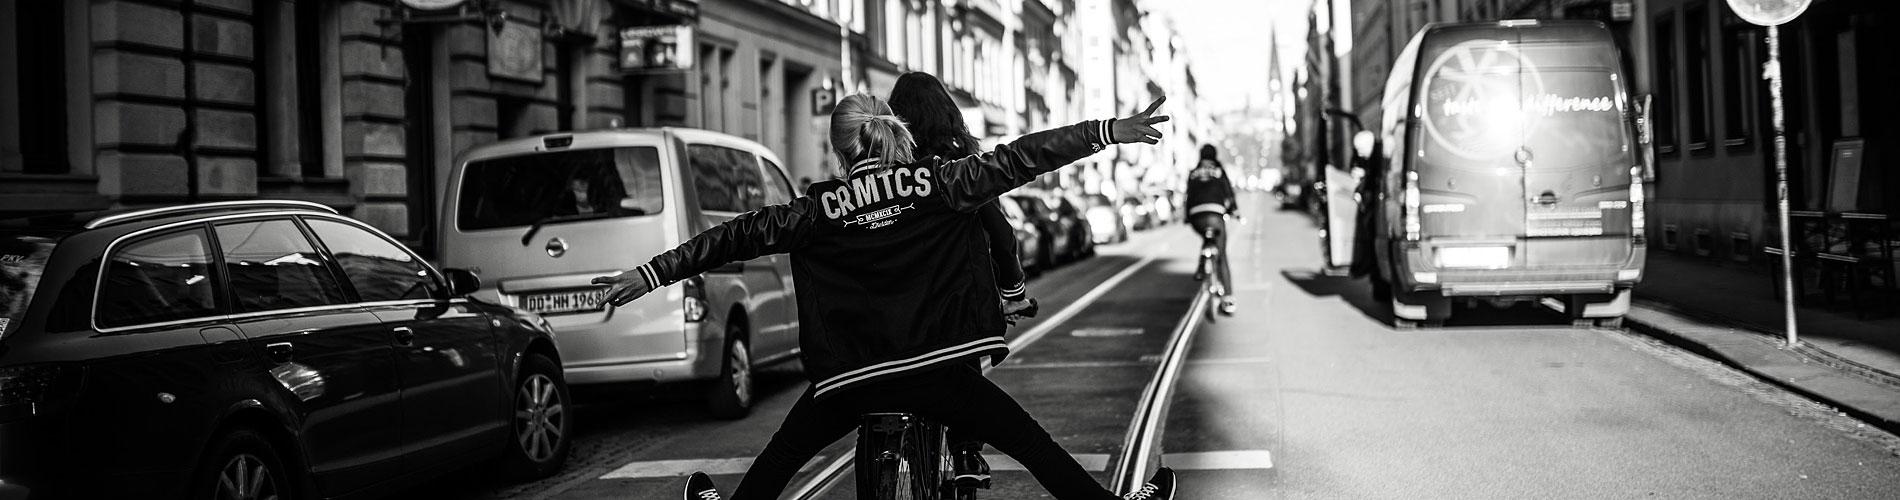 Am Standort Dresden entwickeln wir Marken, designen ihre Identität. Wenn alles so einfach wäre wie Fahrrad fahren. Interdisziplinär verpacken wir alle Leistungen in Dresden und sind darüber hinaus in Deutschland, Europa und der ganzen Welt tätig.